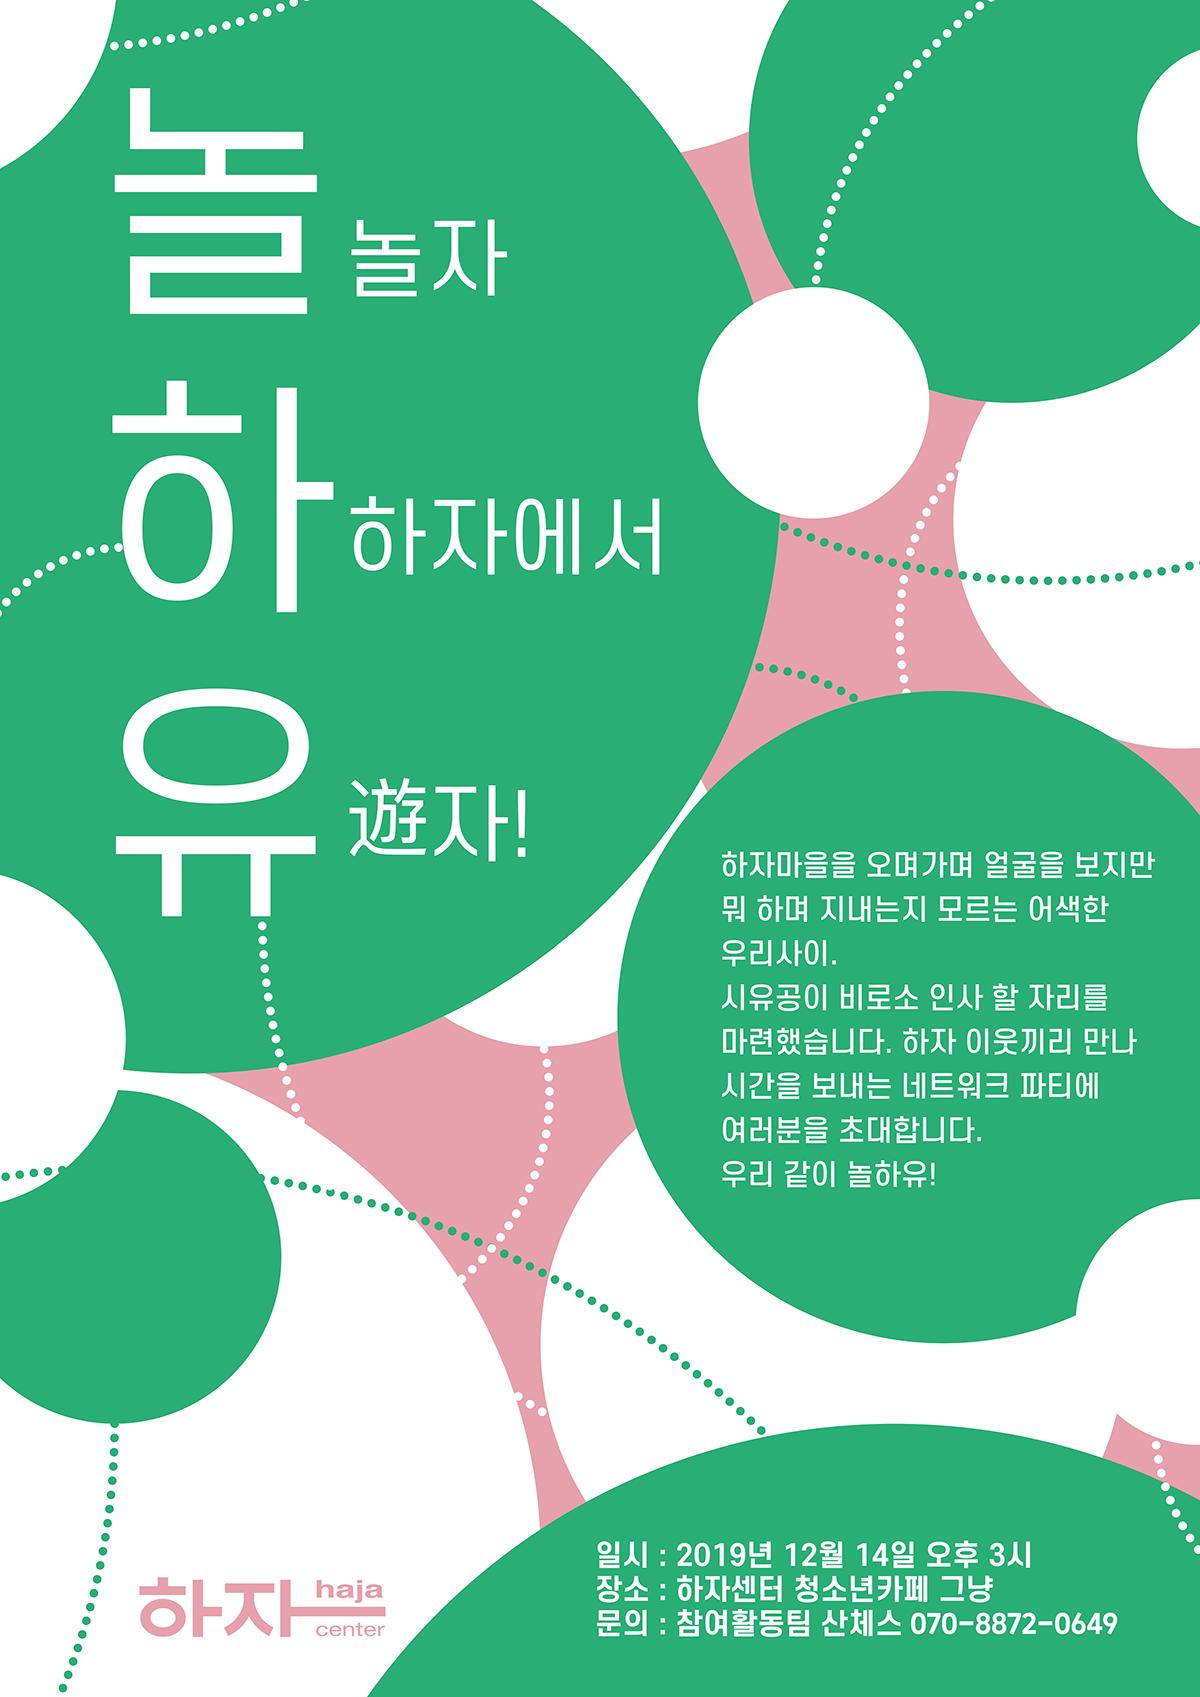 놀하유 포스터.png